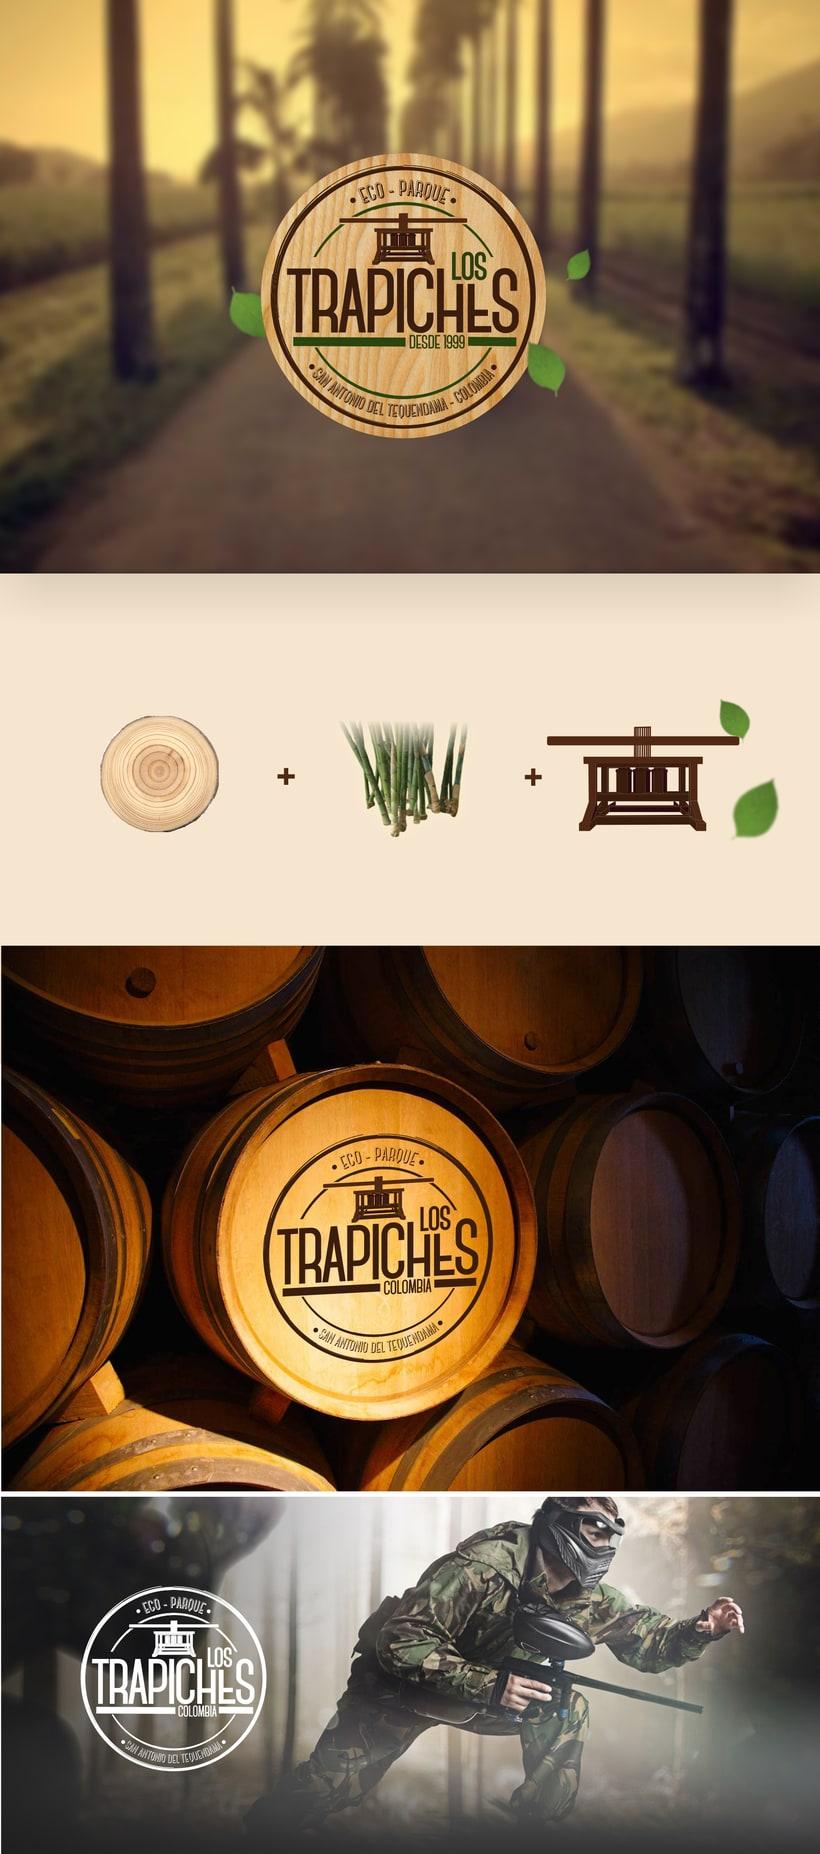 Logotipo. Ecoparque Los Trapiches -1